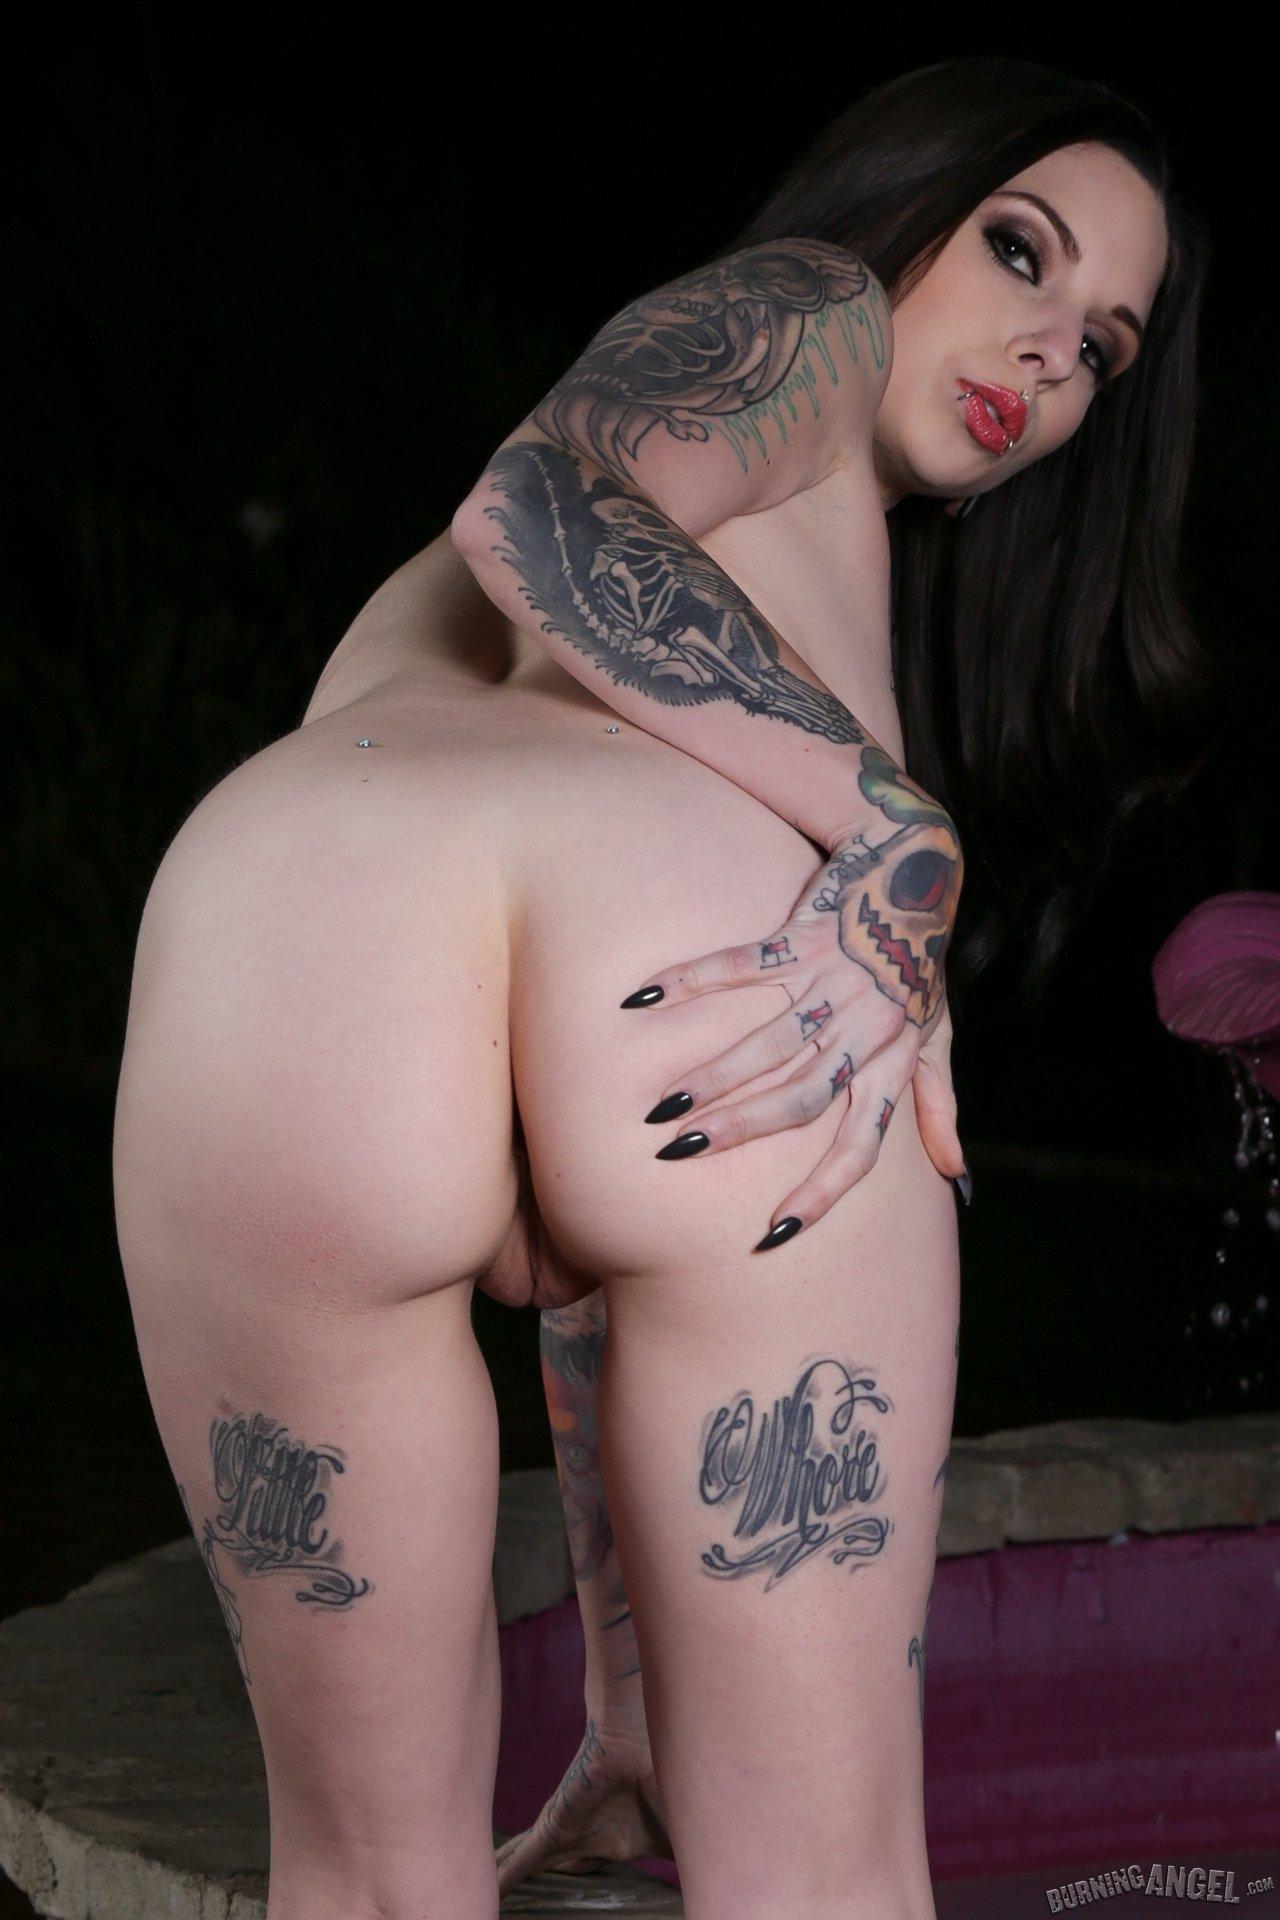 С пирсингом - Порно фото галерея 1060828